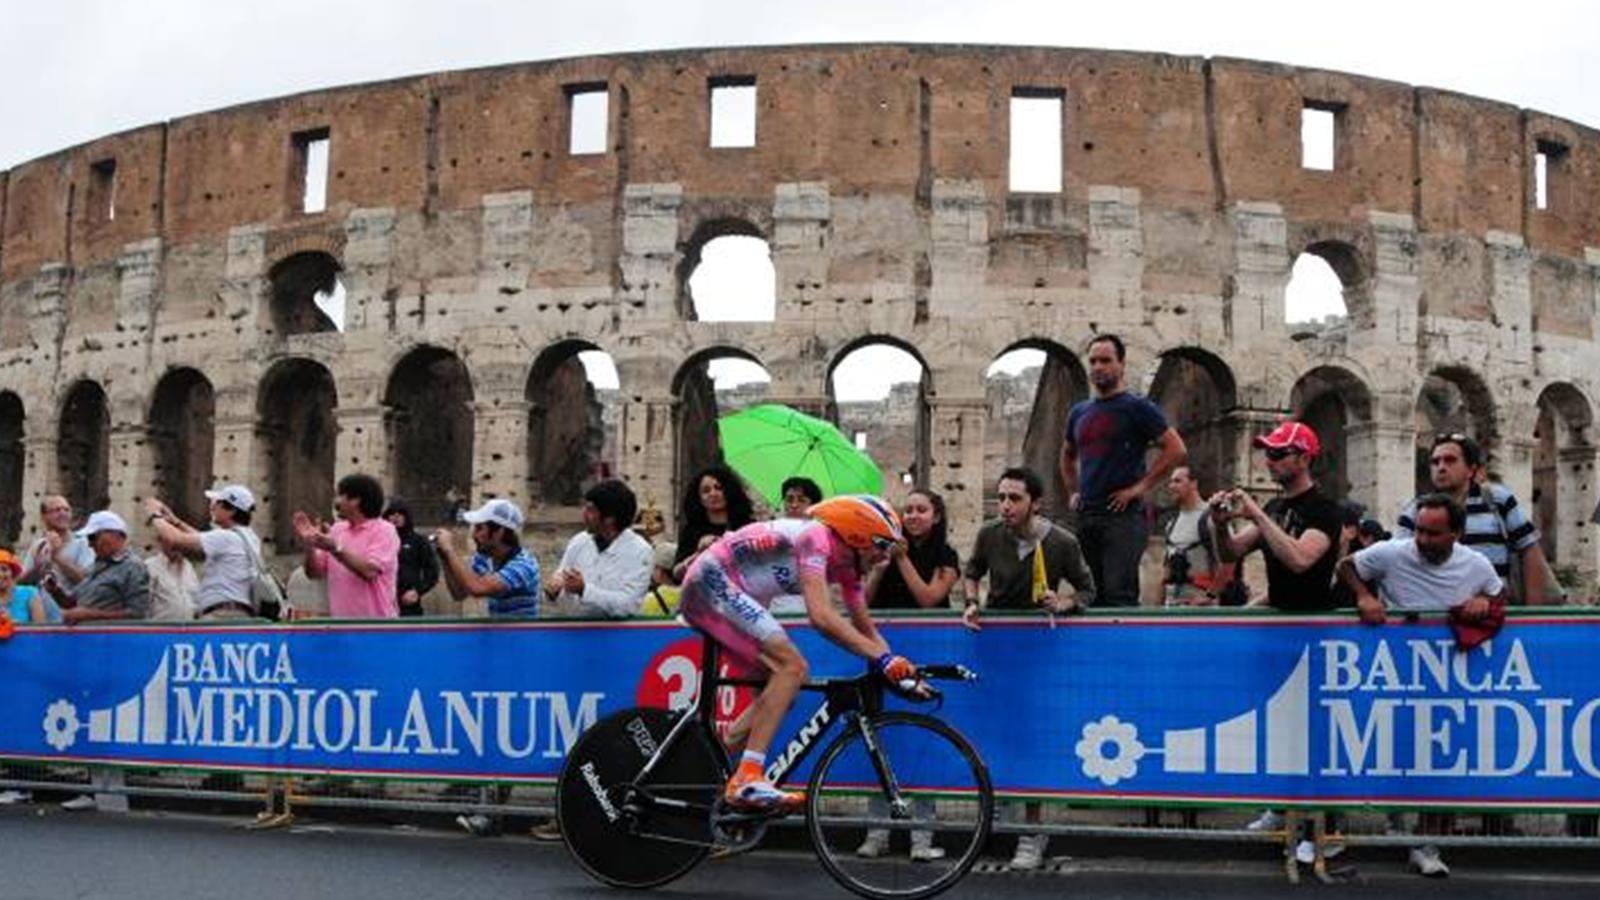 走进环意赛:环意自行车比赛现场图片分享 图2